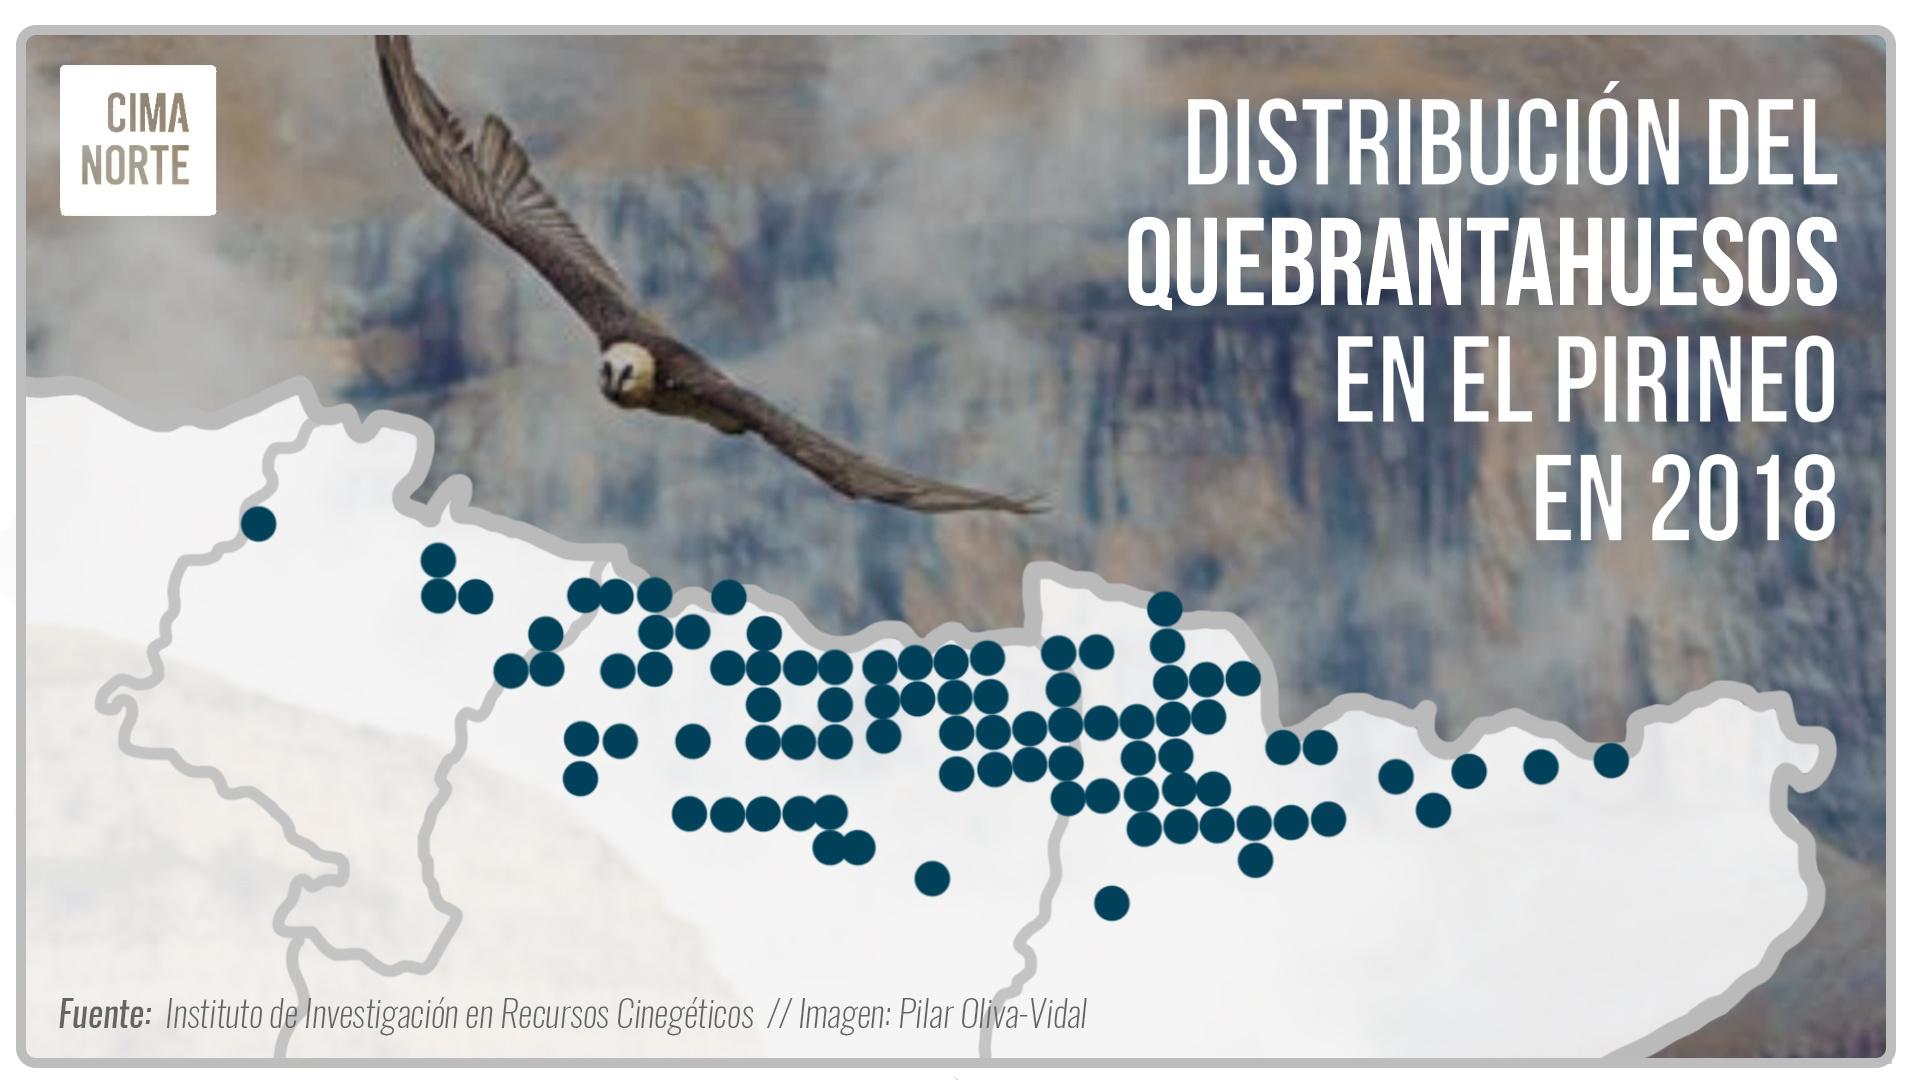 distribucion del quebrantahuesos en el pirineo 2018